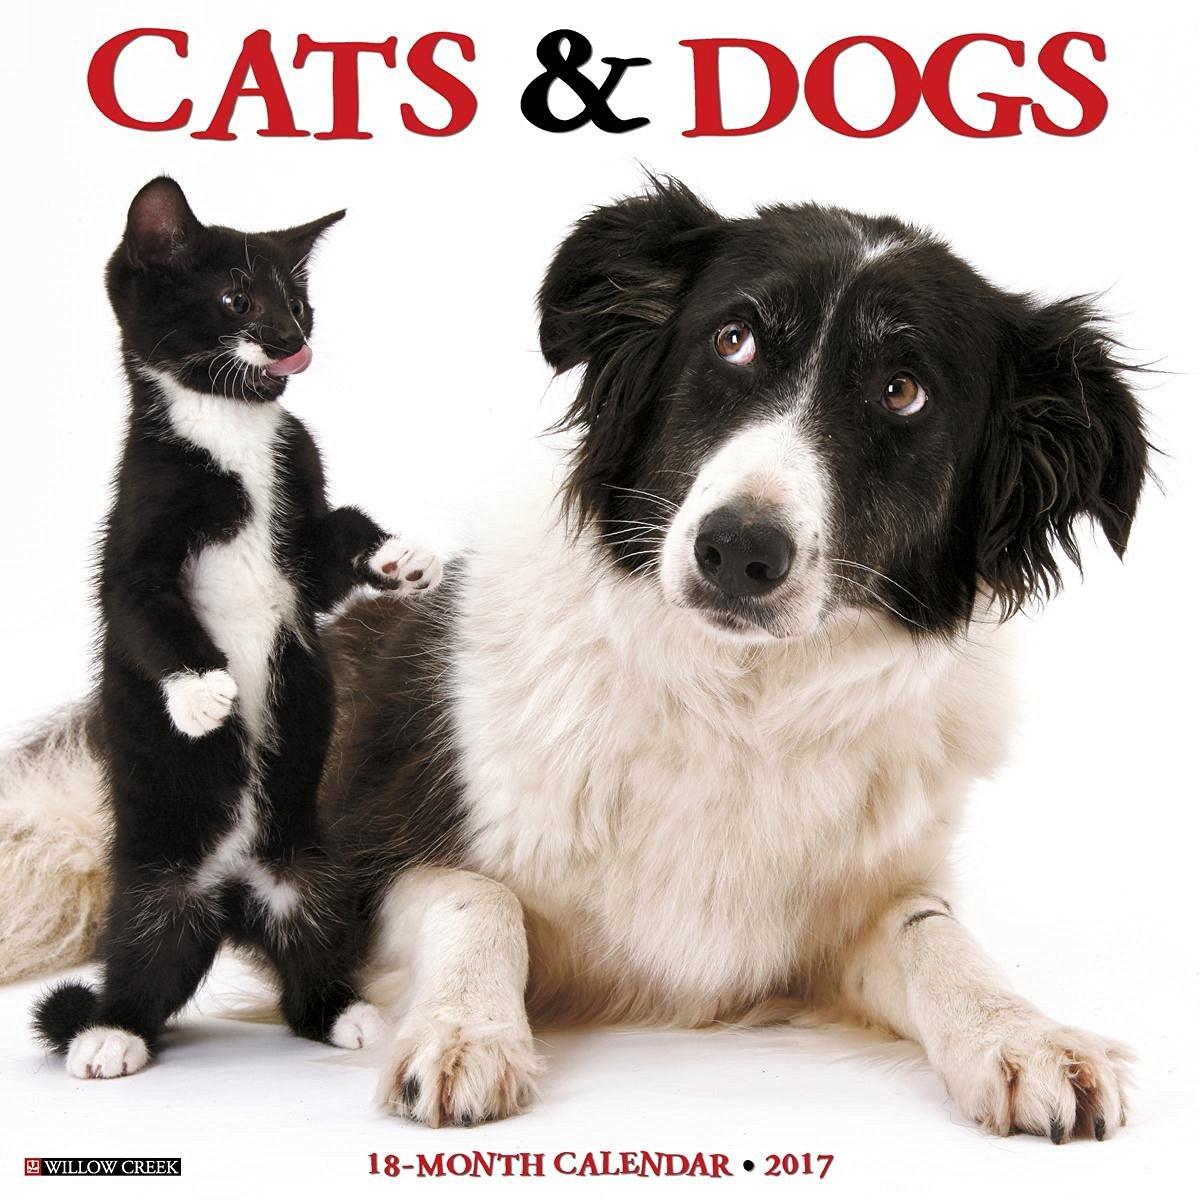 Cats & Dogs 2017 Wall Calendar